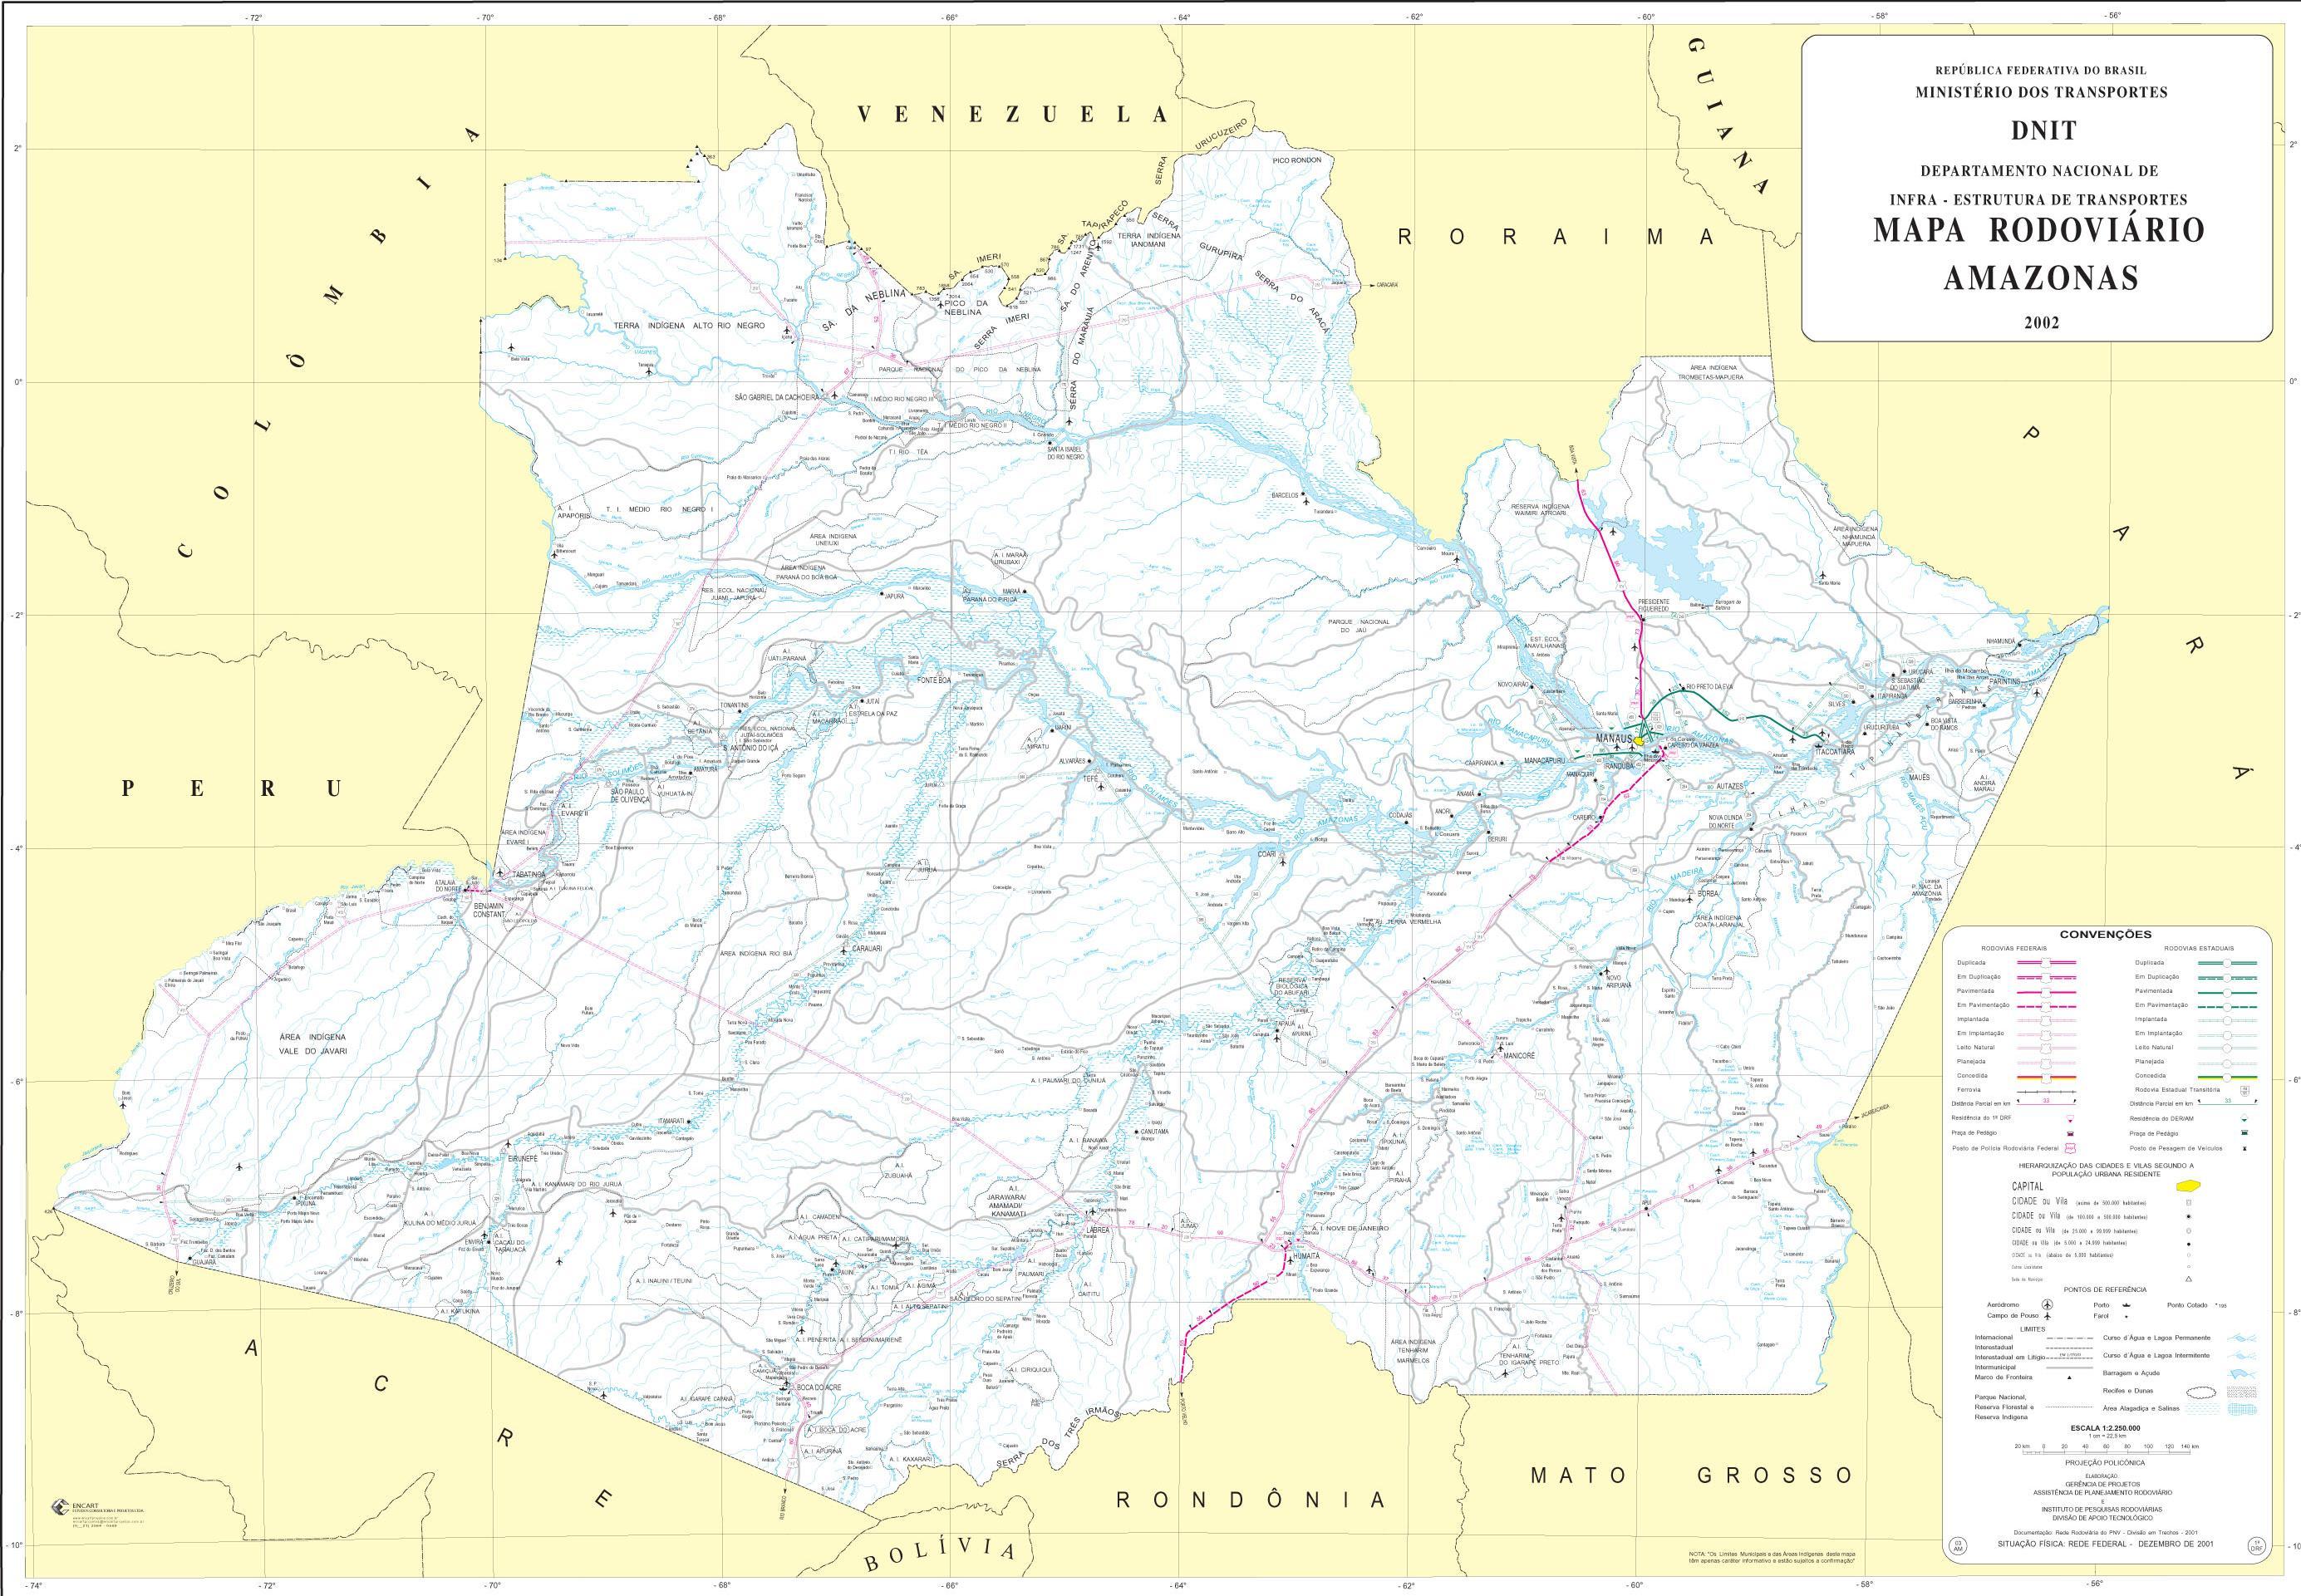 Mapa de Carreteras Federales y Estatales del Edo. de Amazonas, Brasil